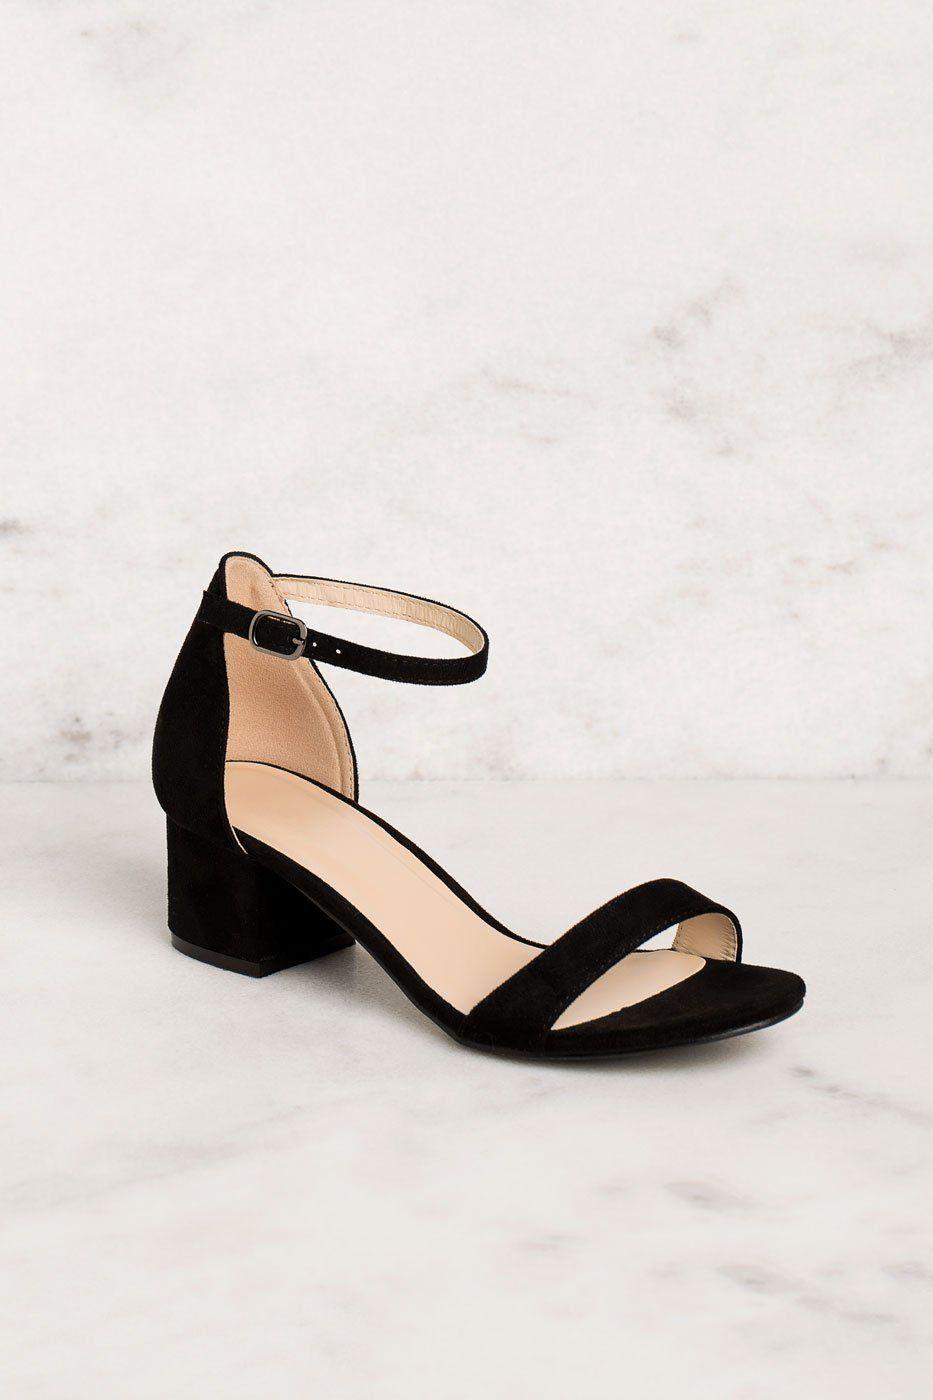 Merideth Black Low Block Heels 7